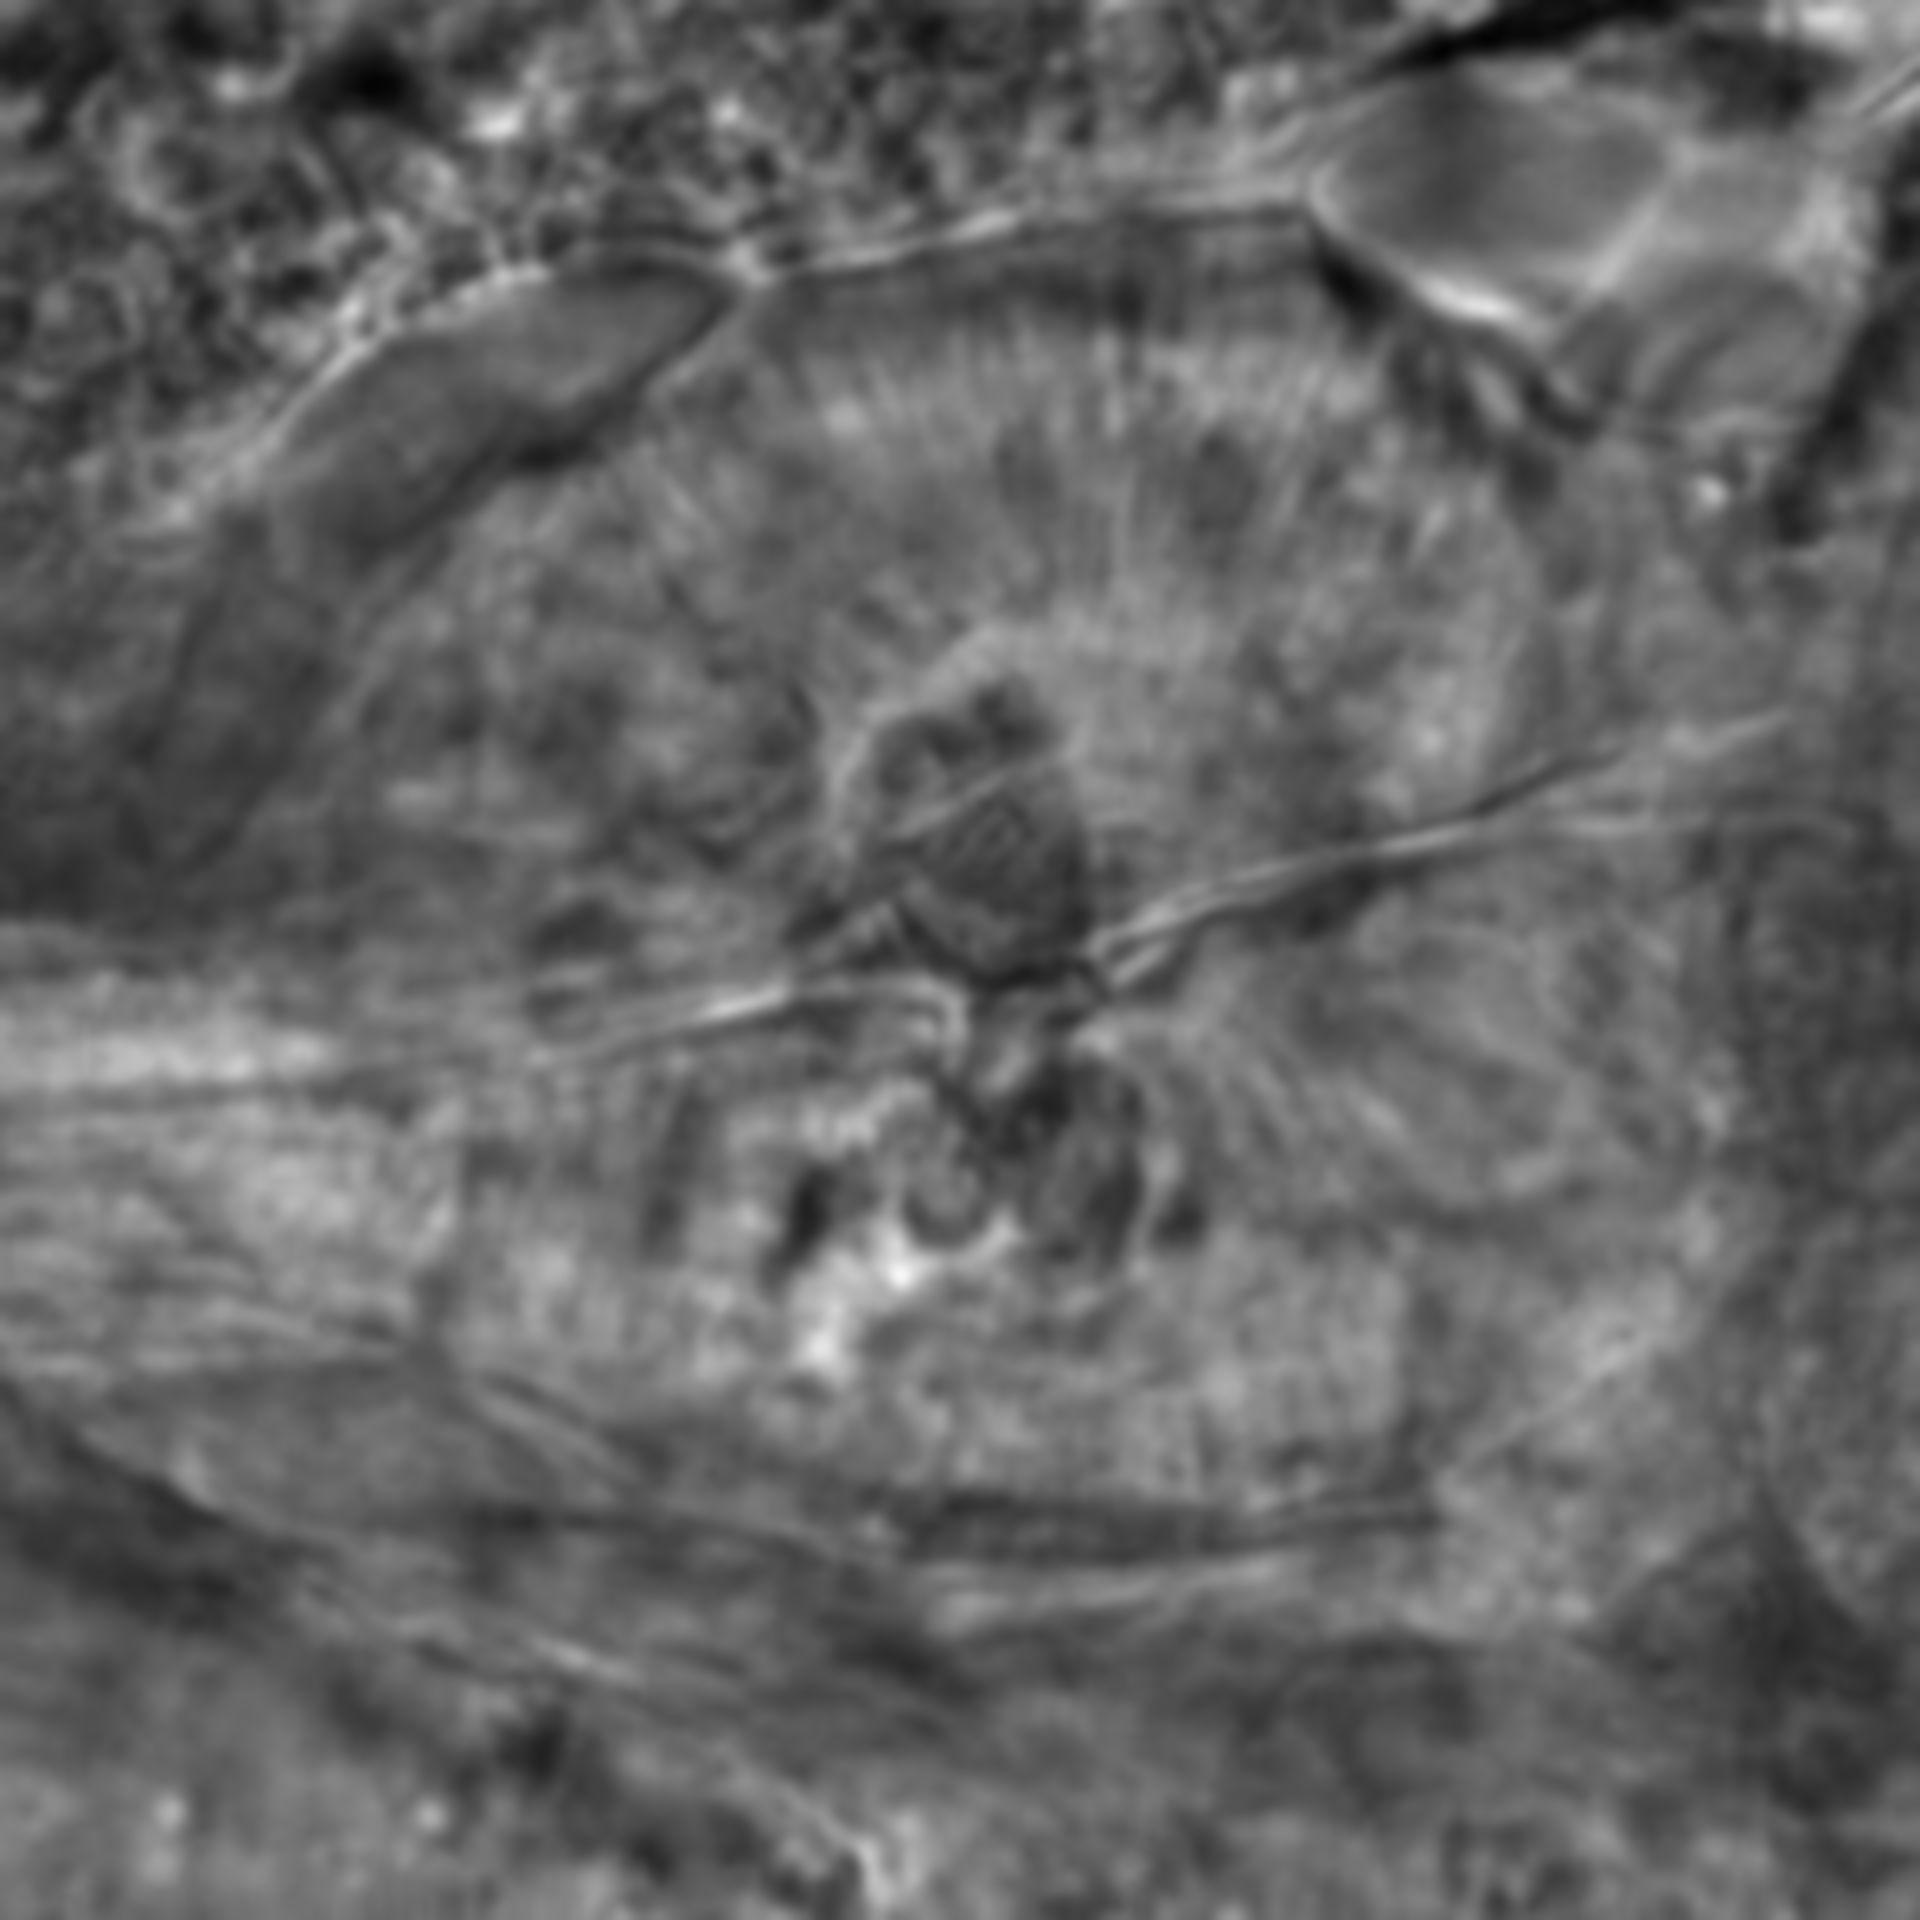 Caenorhabditis elegans - CIL:1995